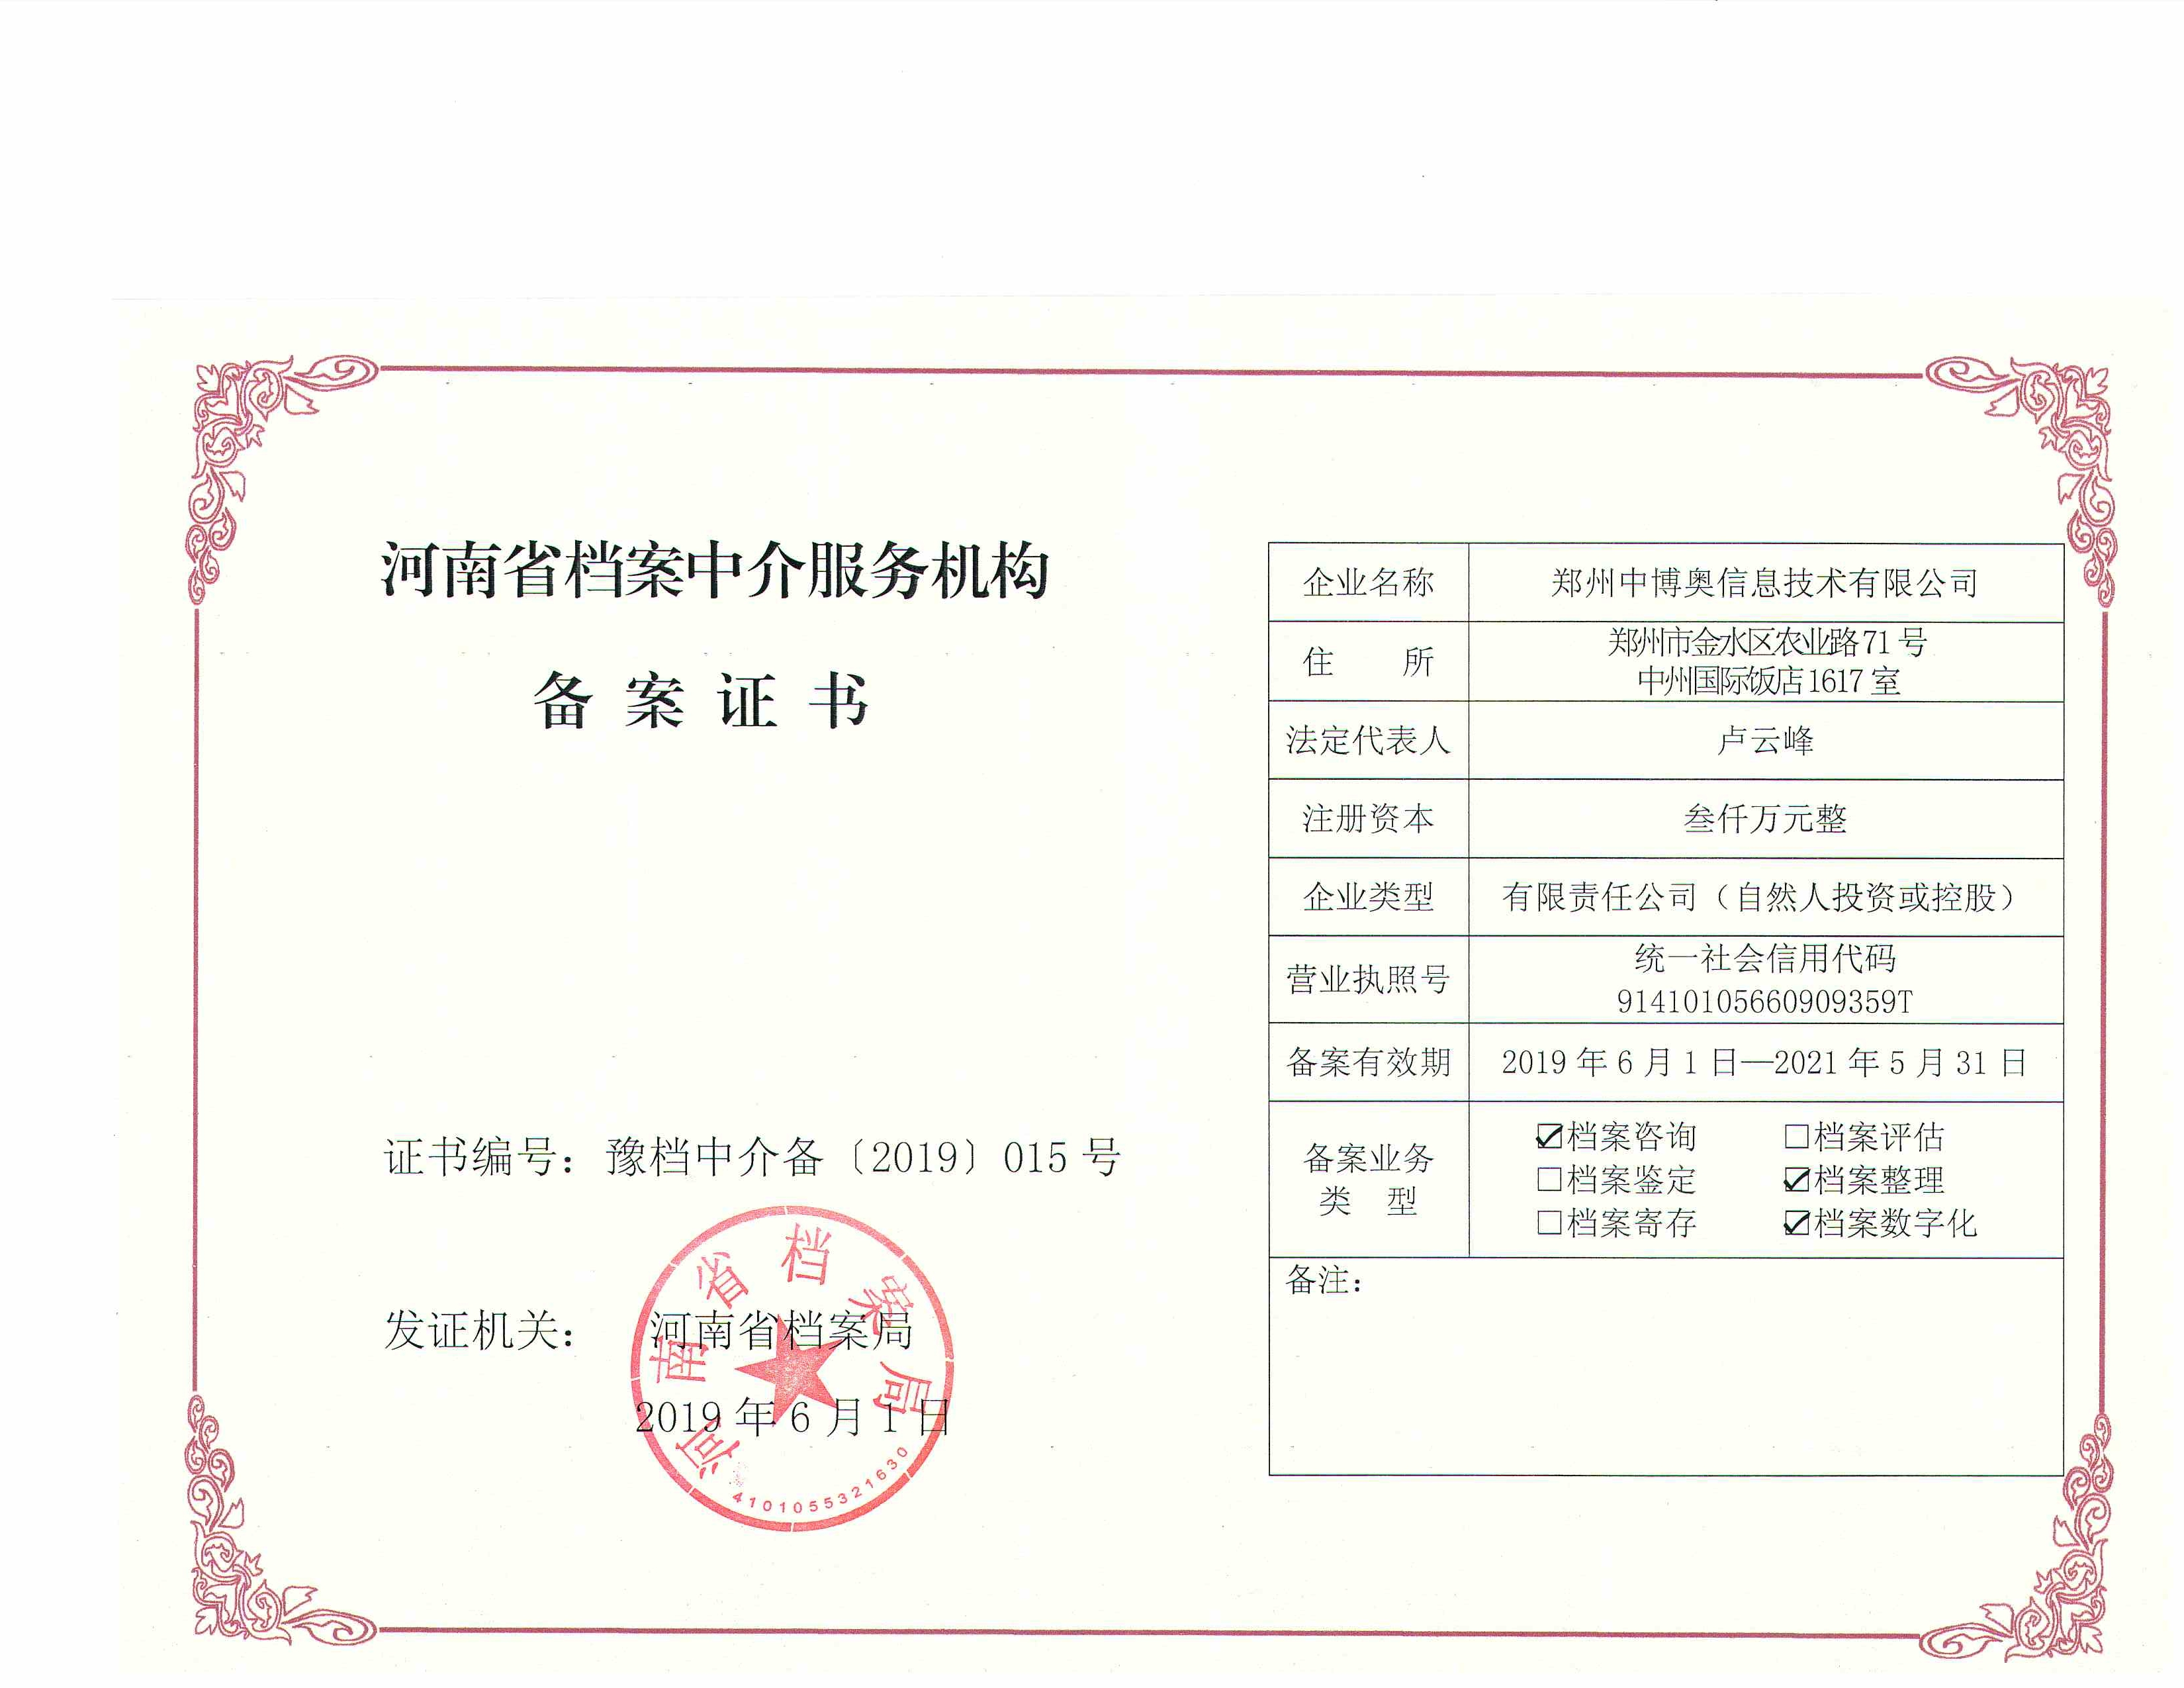 热烈祝贺郑州中博奥信息技术有限公司再次荣获河南省档案中介服务机构备案证书